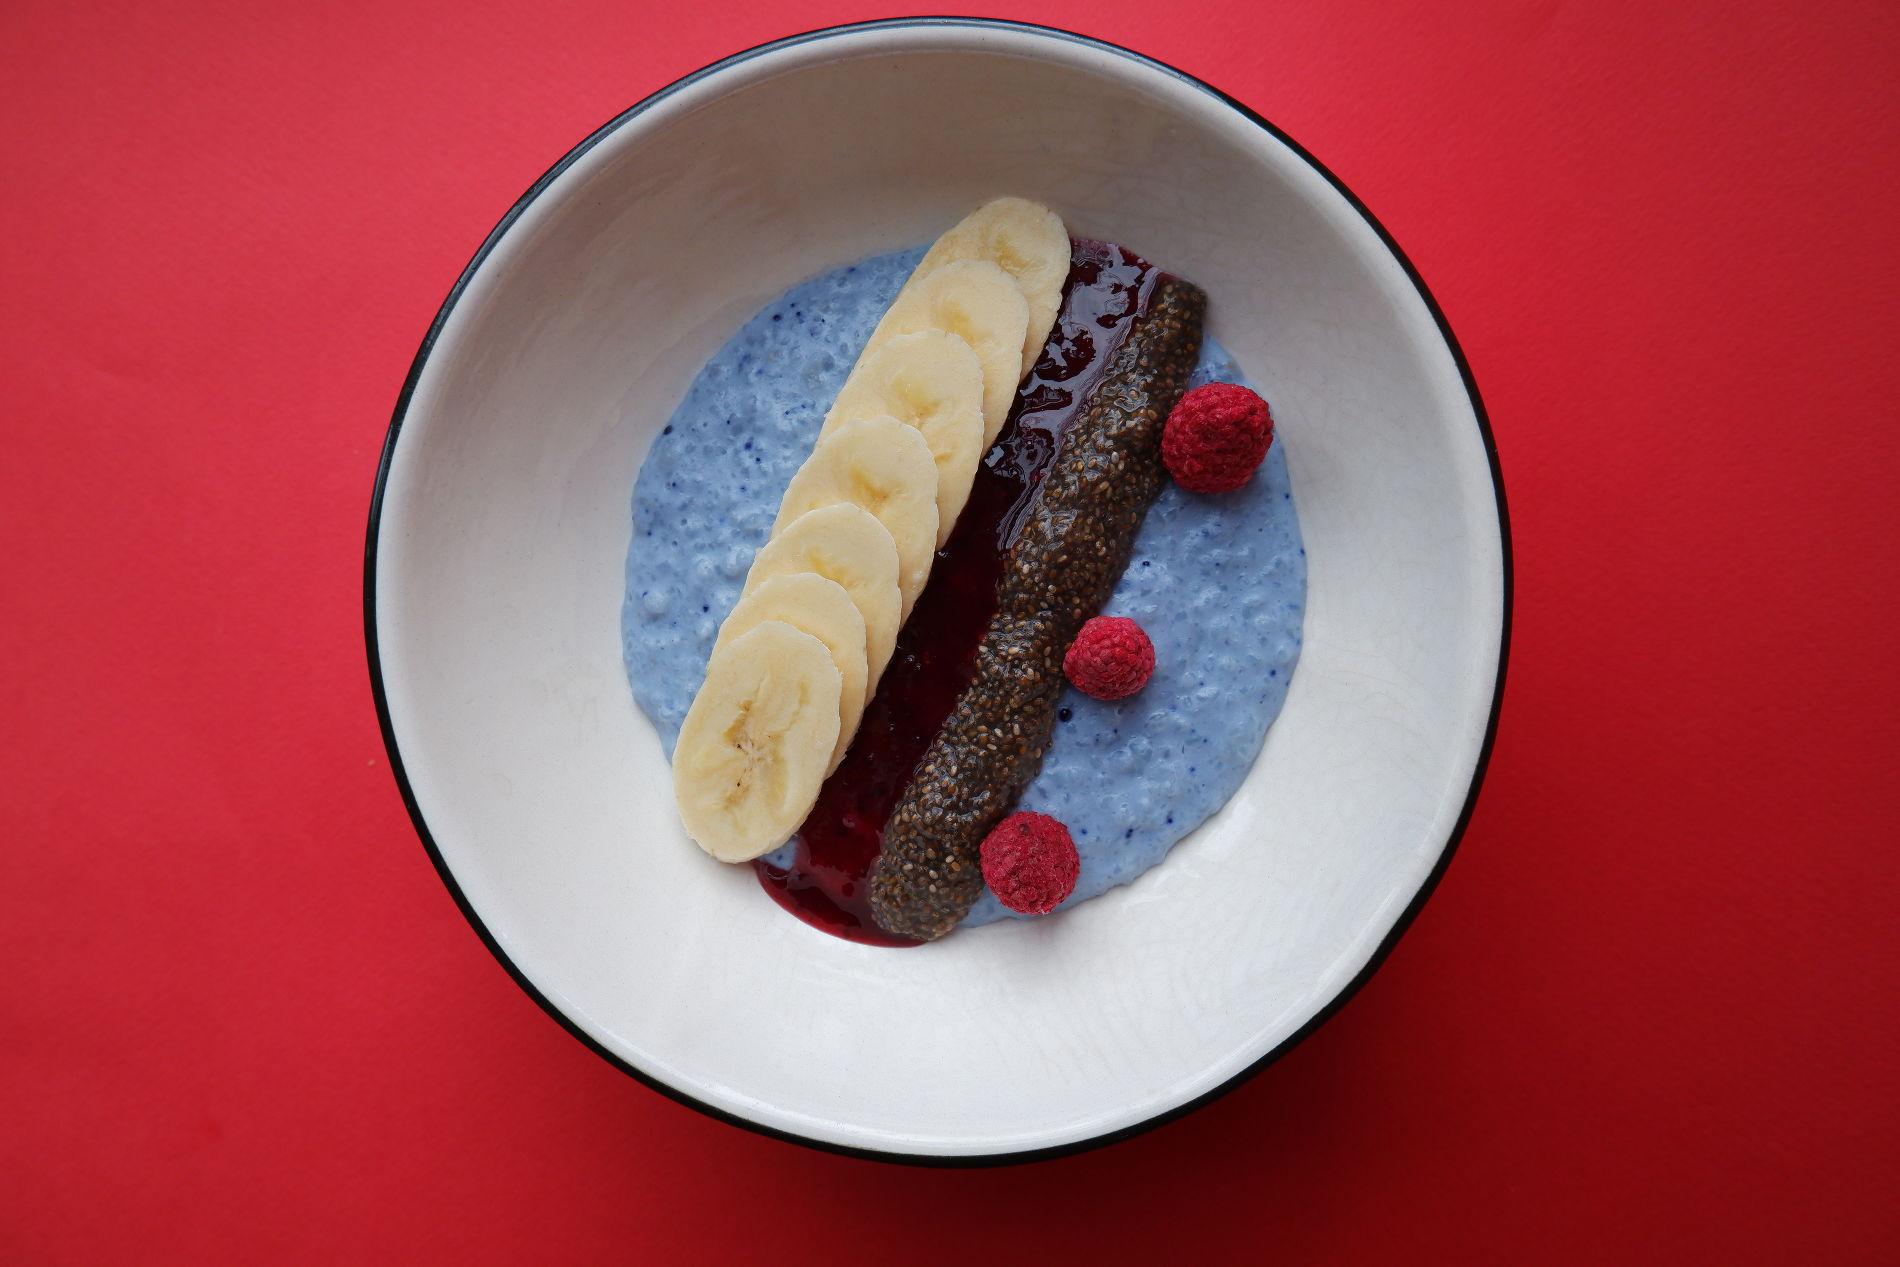 Рисовая каша с голубой матчей, бананом и семенами чиа ©Фото предоставлено PR-службой Mr. Drunke Bar